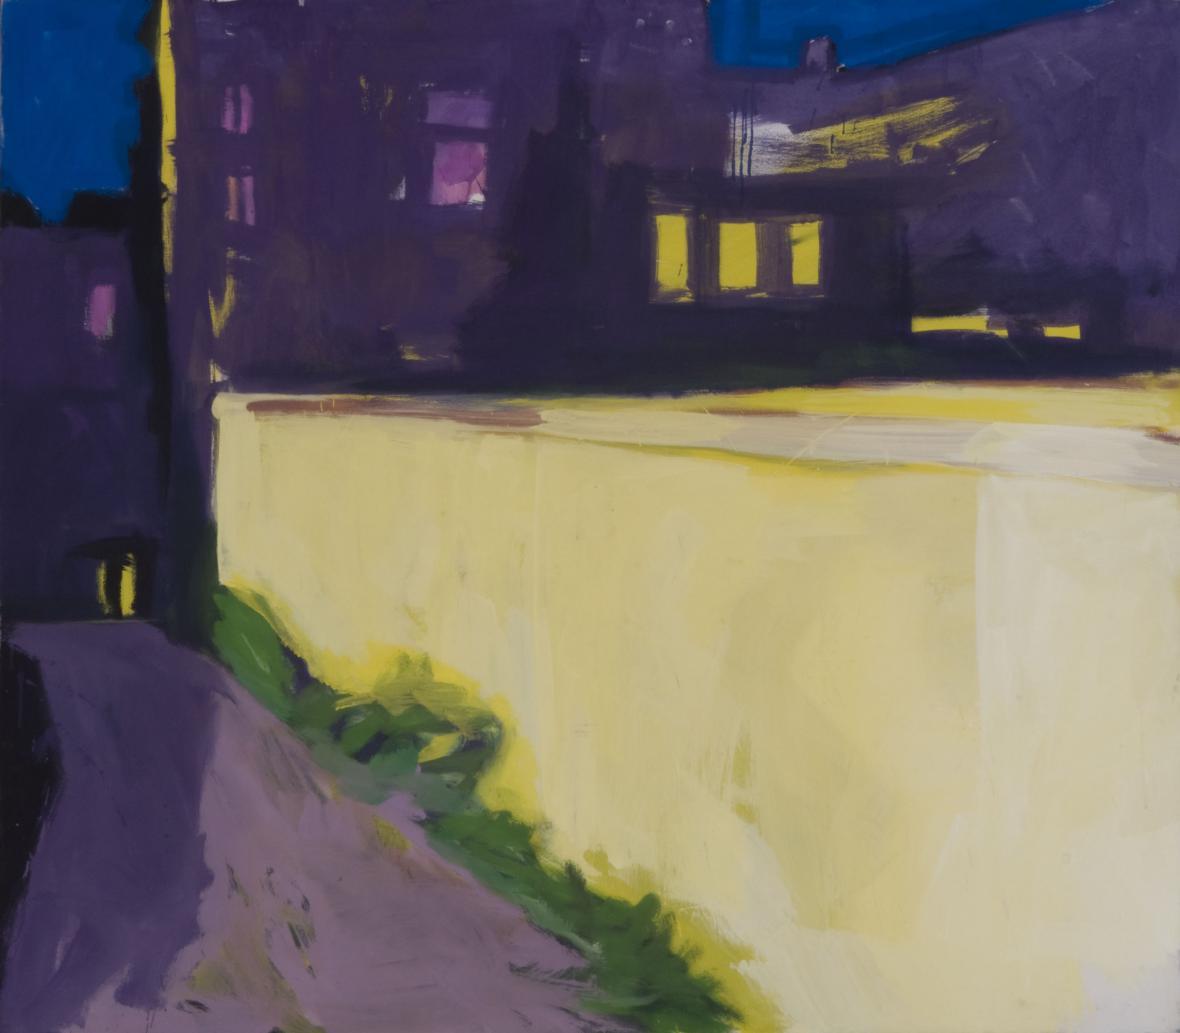 Rainer Fetting / Žlutá zeď, 1977